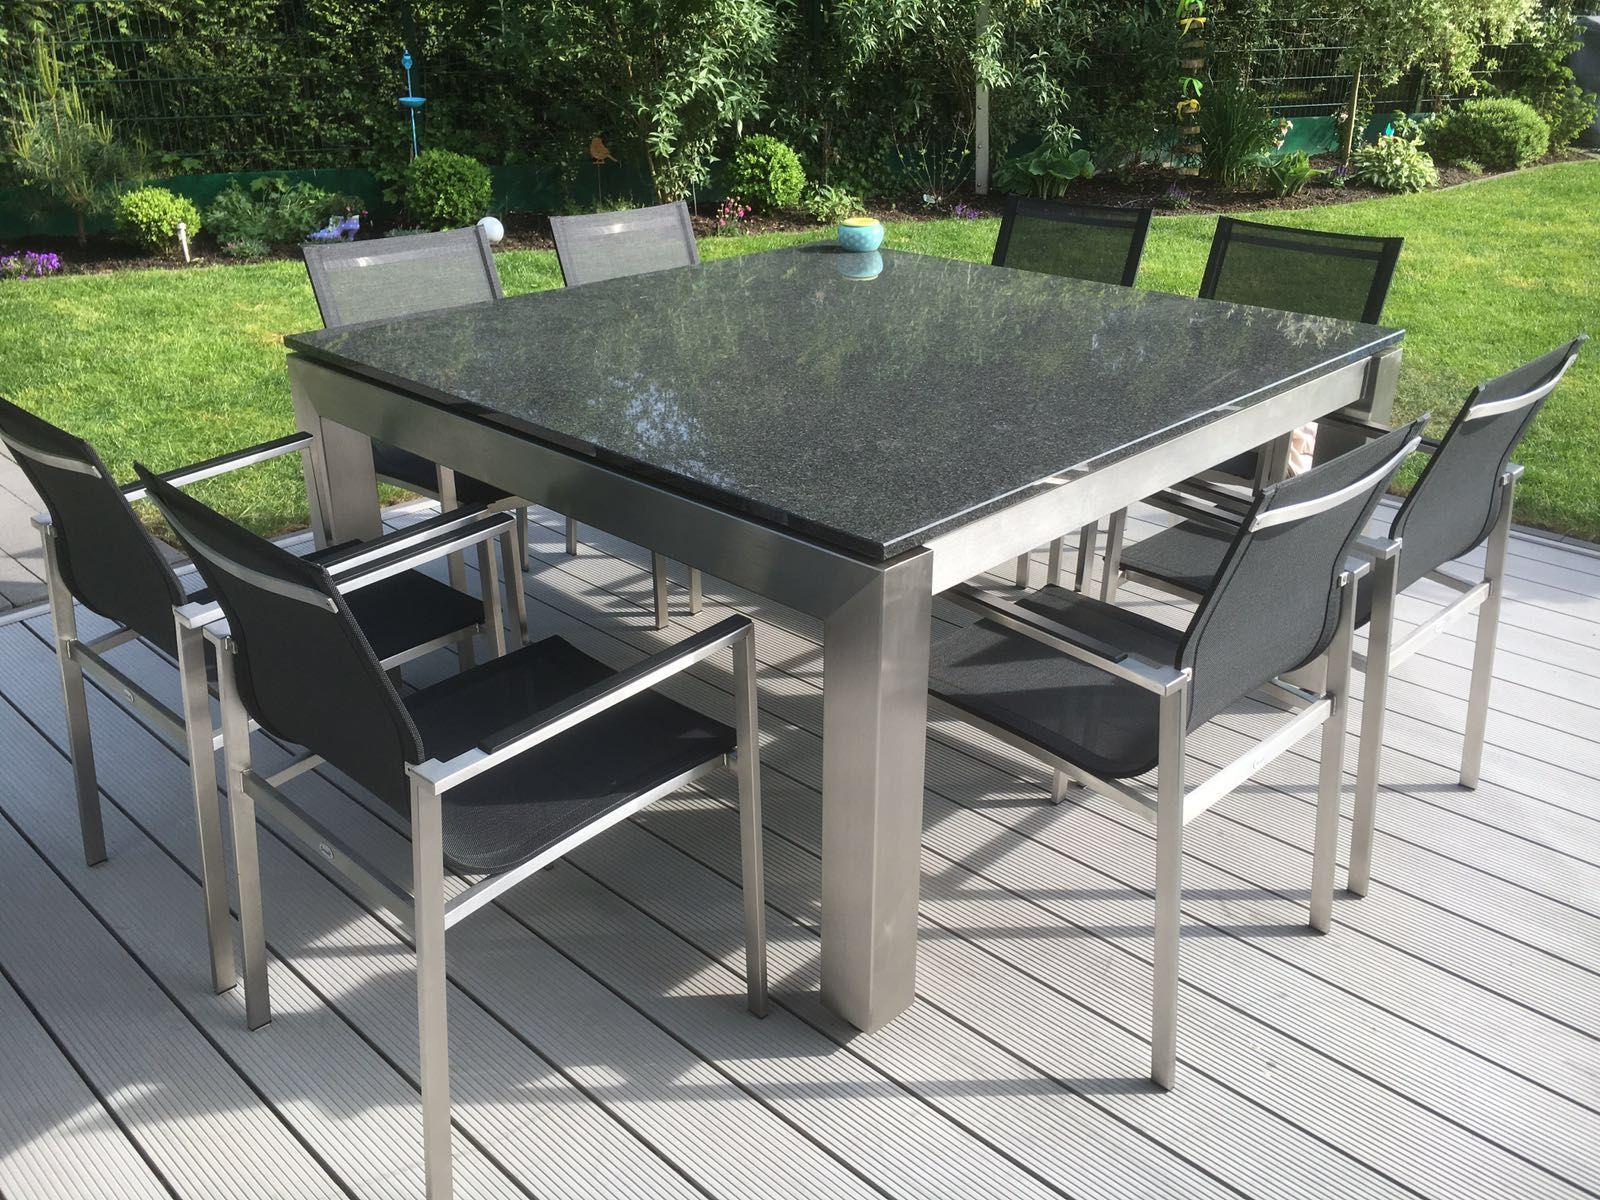 Edelstahltisch Mit Granitplatte Kann Sich Sehen Lassen Gartenmobel Terrassen Tische Gartenmobel Edelstahl